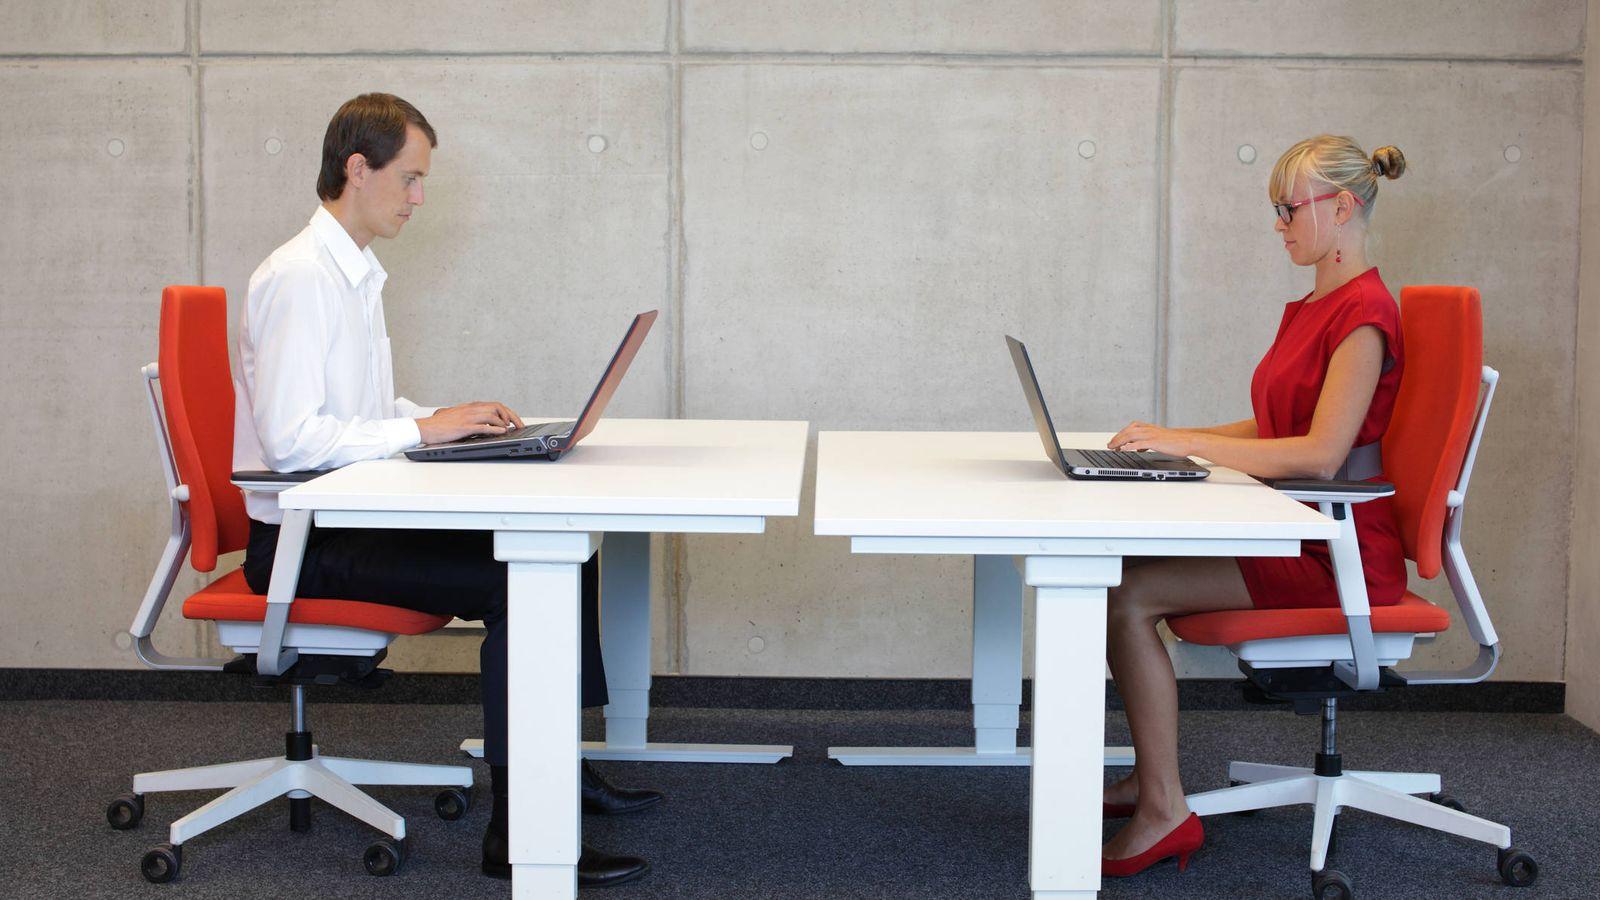 Foto: La reactivación del mercado permite a los despachos de abogados ofrecer condiciones de trabajo más interesantes. (iStock)